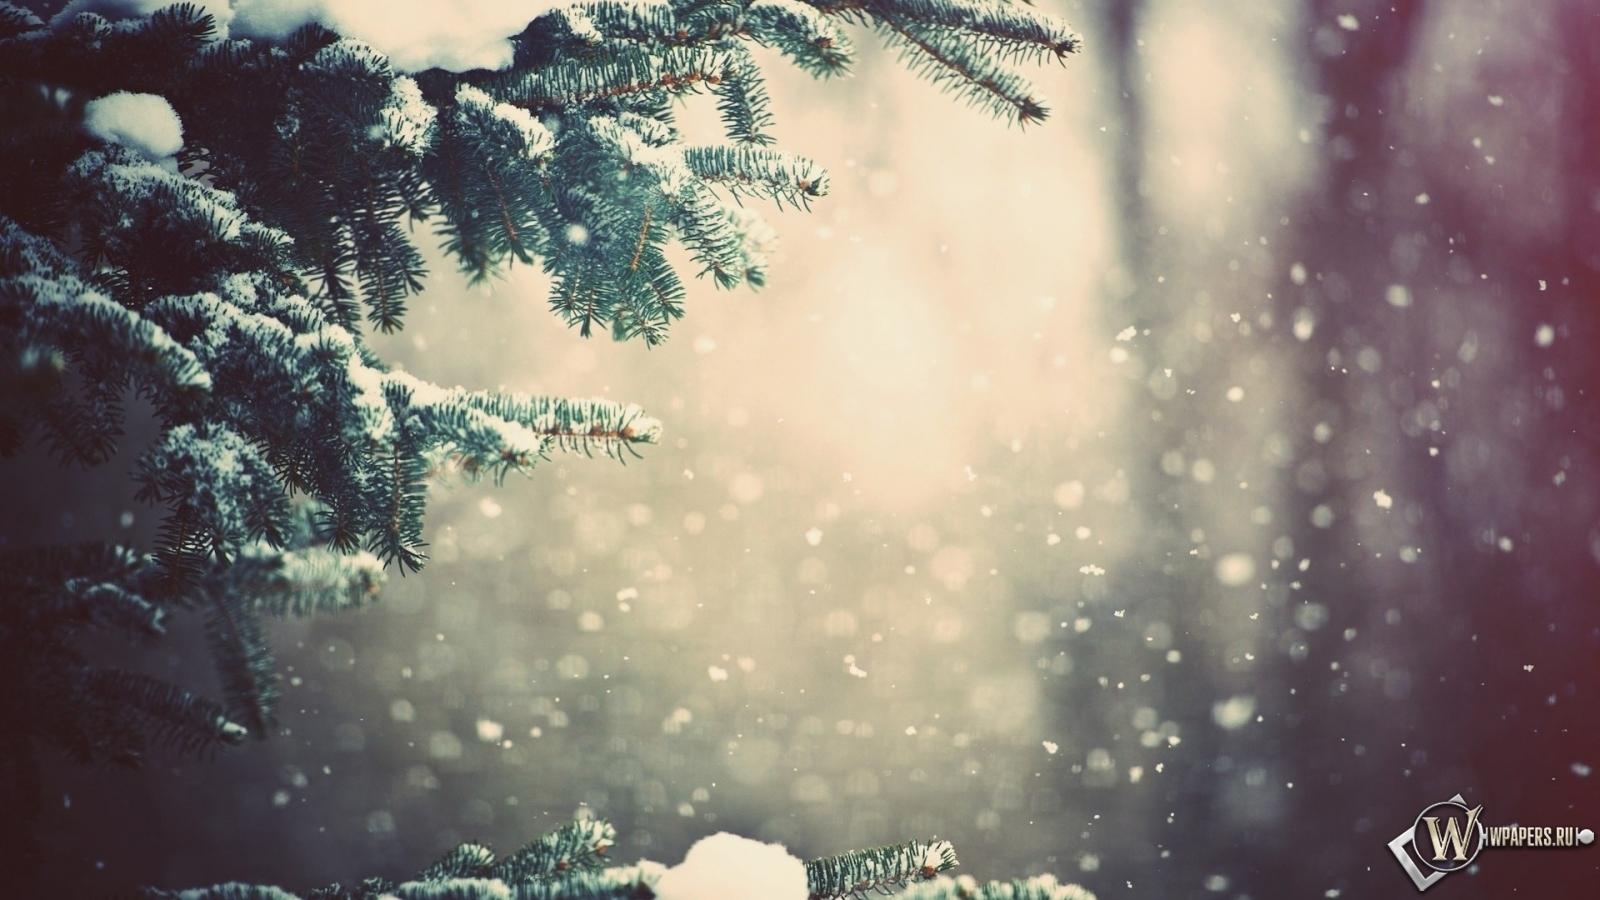 Зимняя природа картинки на рабочий стол 1440х900